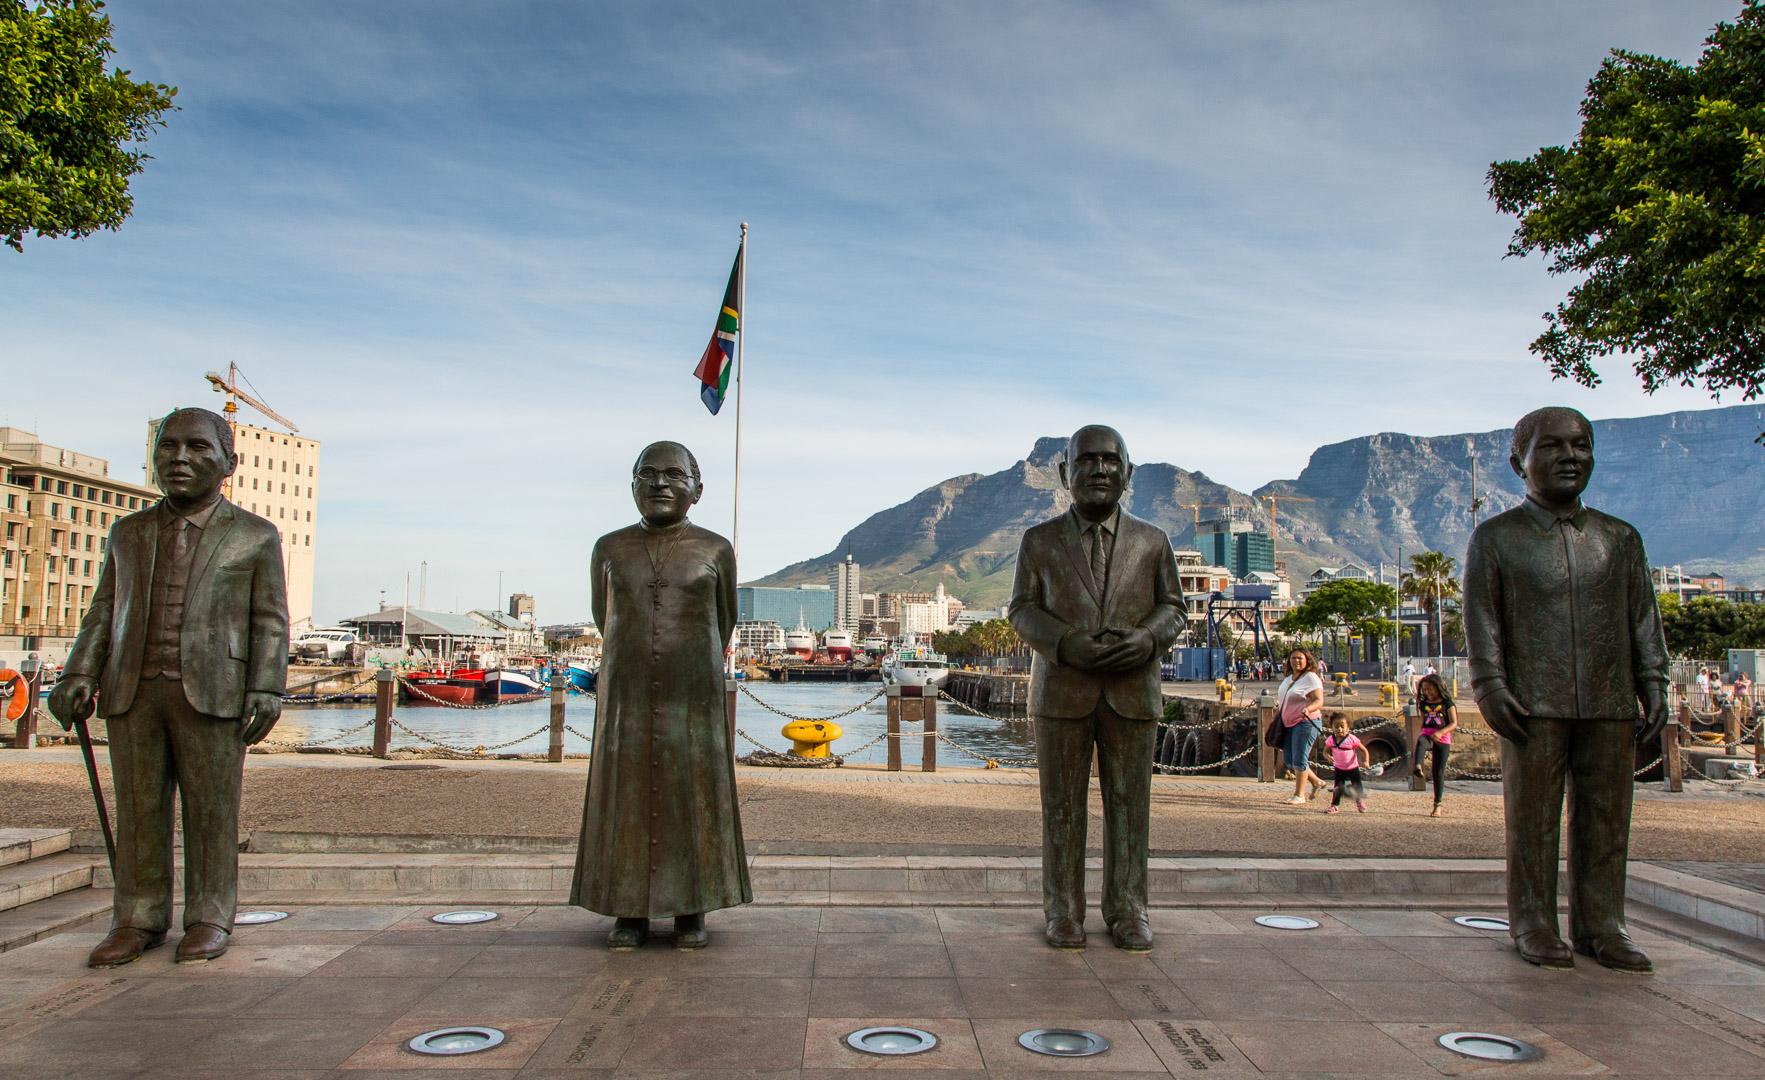 27.10. V&A Waterfront - die 4 Friedensnobelpreisträger.